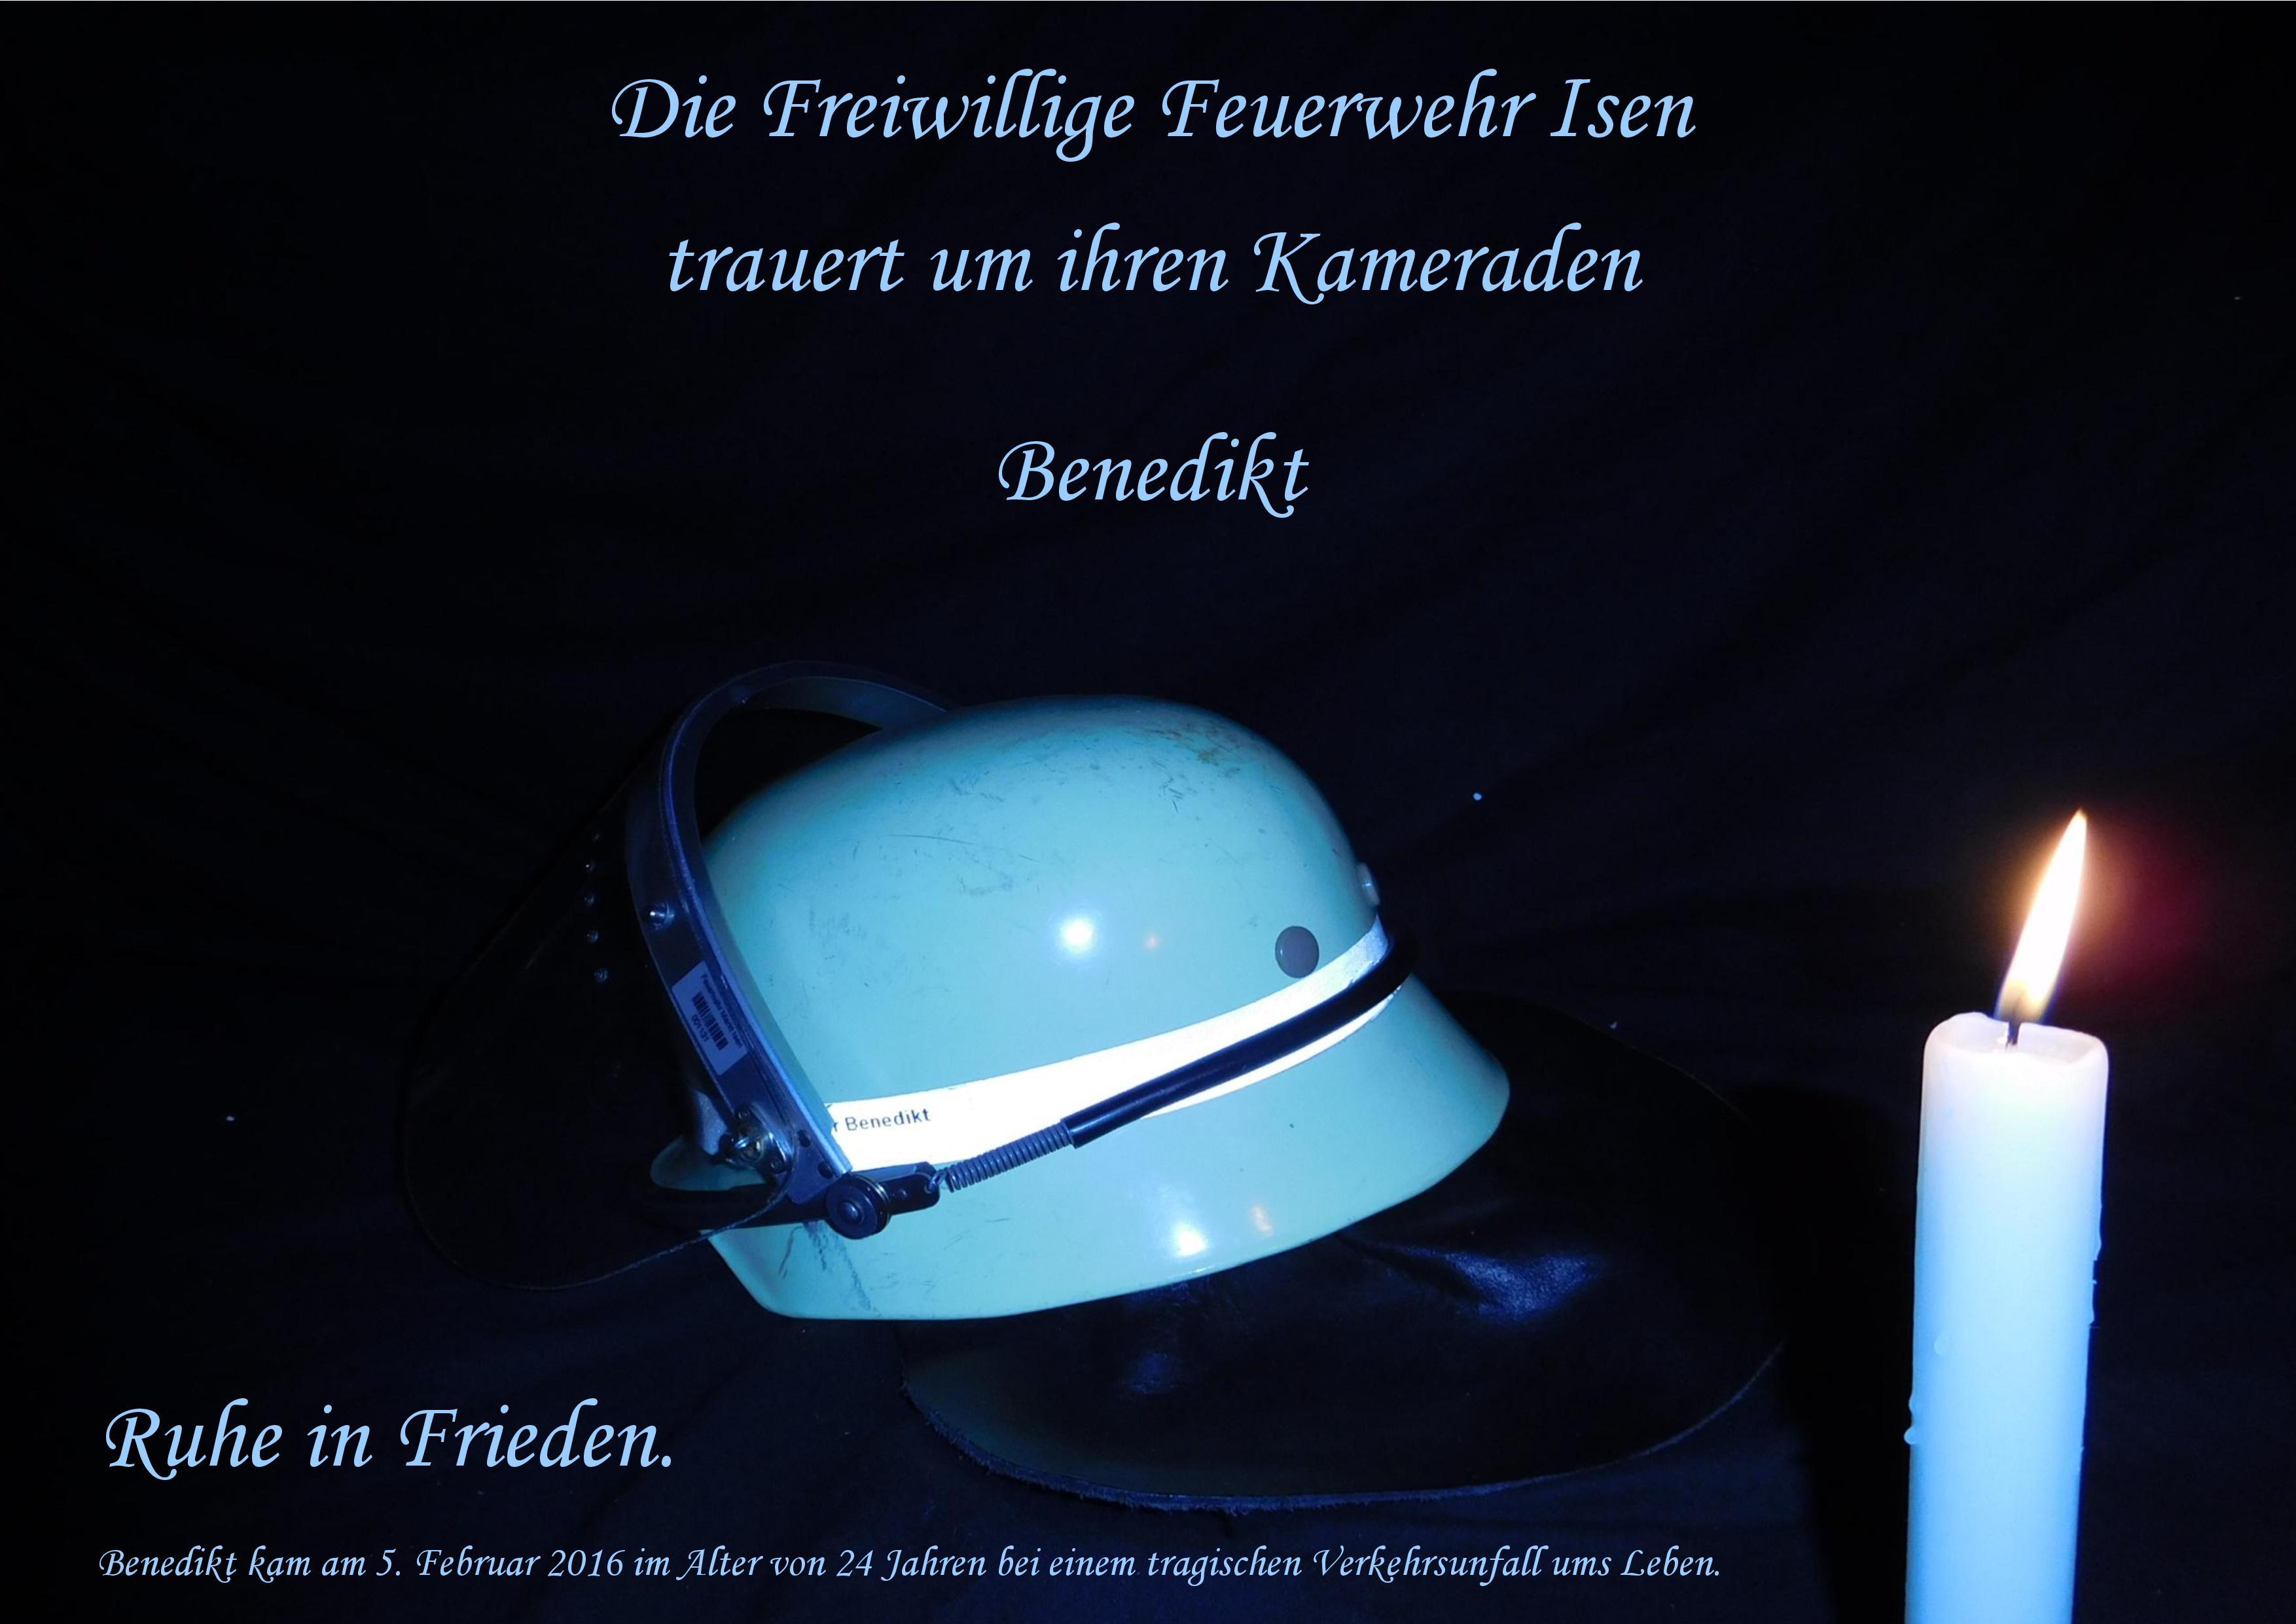 FF Isen - Trauerkarte